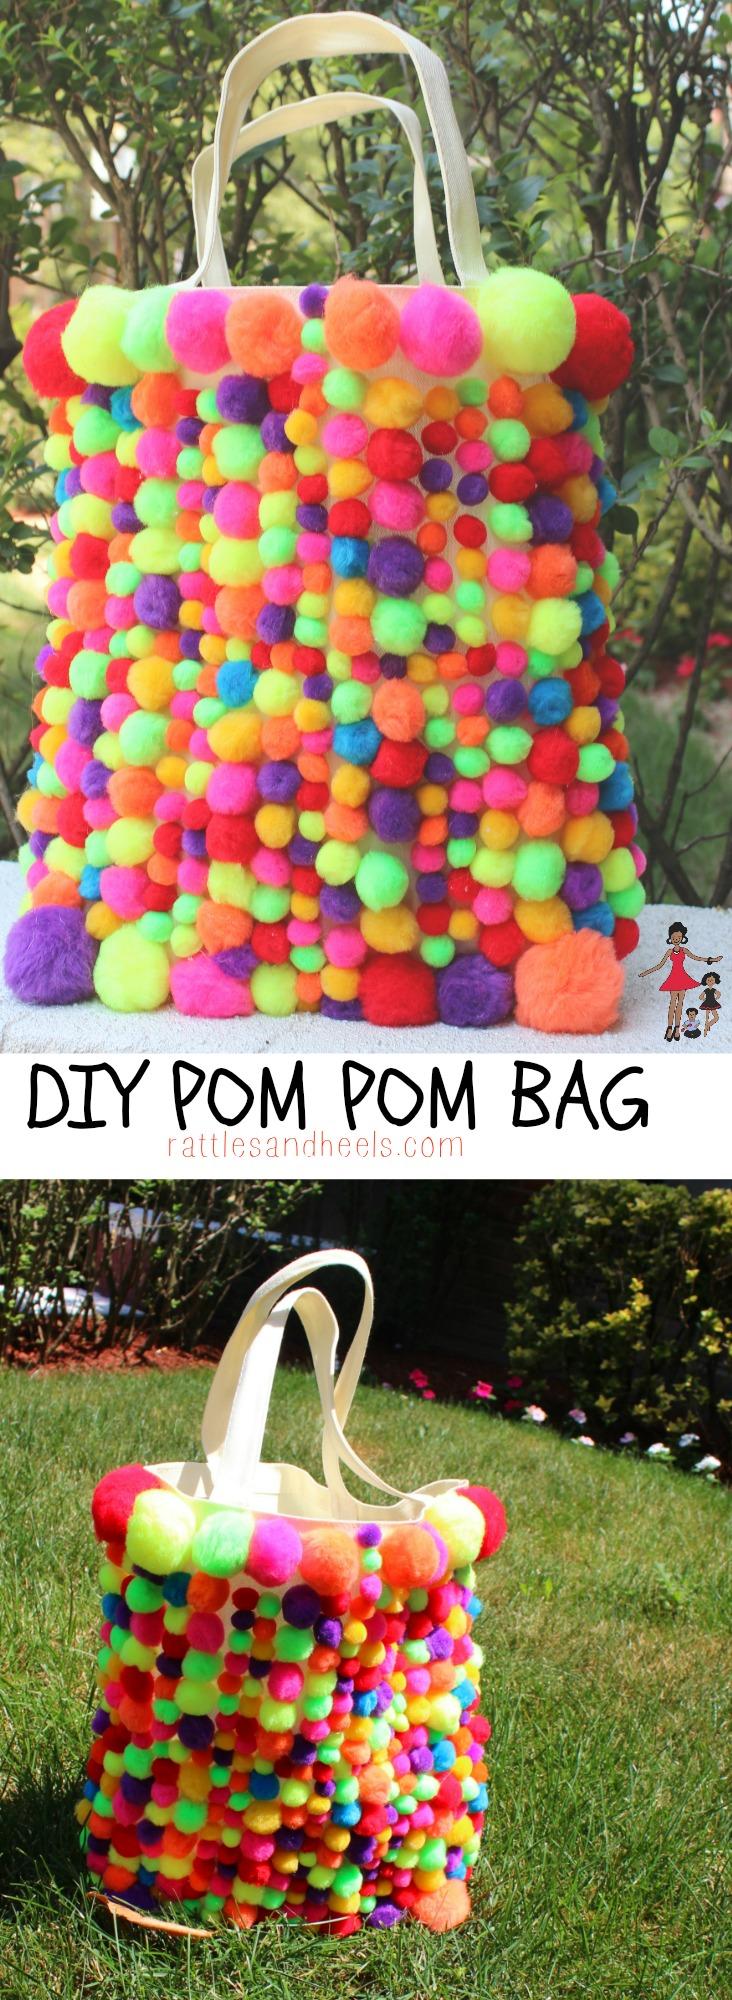 diy-pom-pom-bag